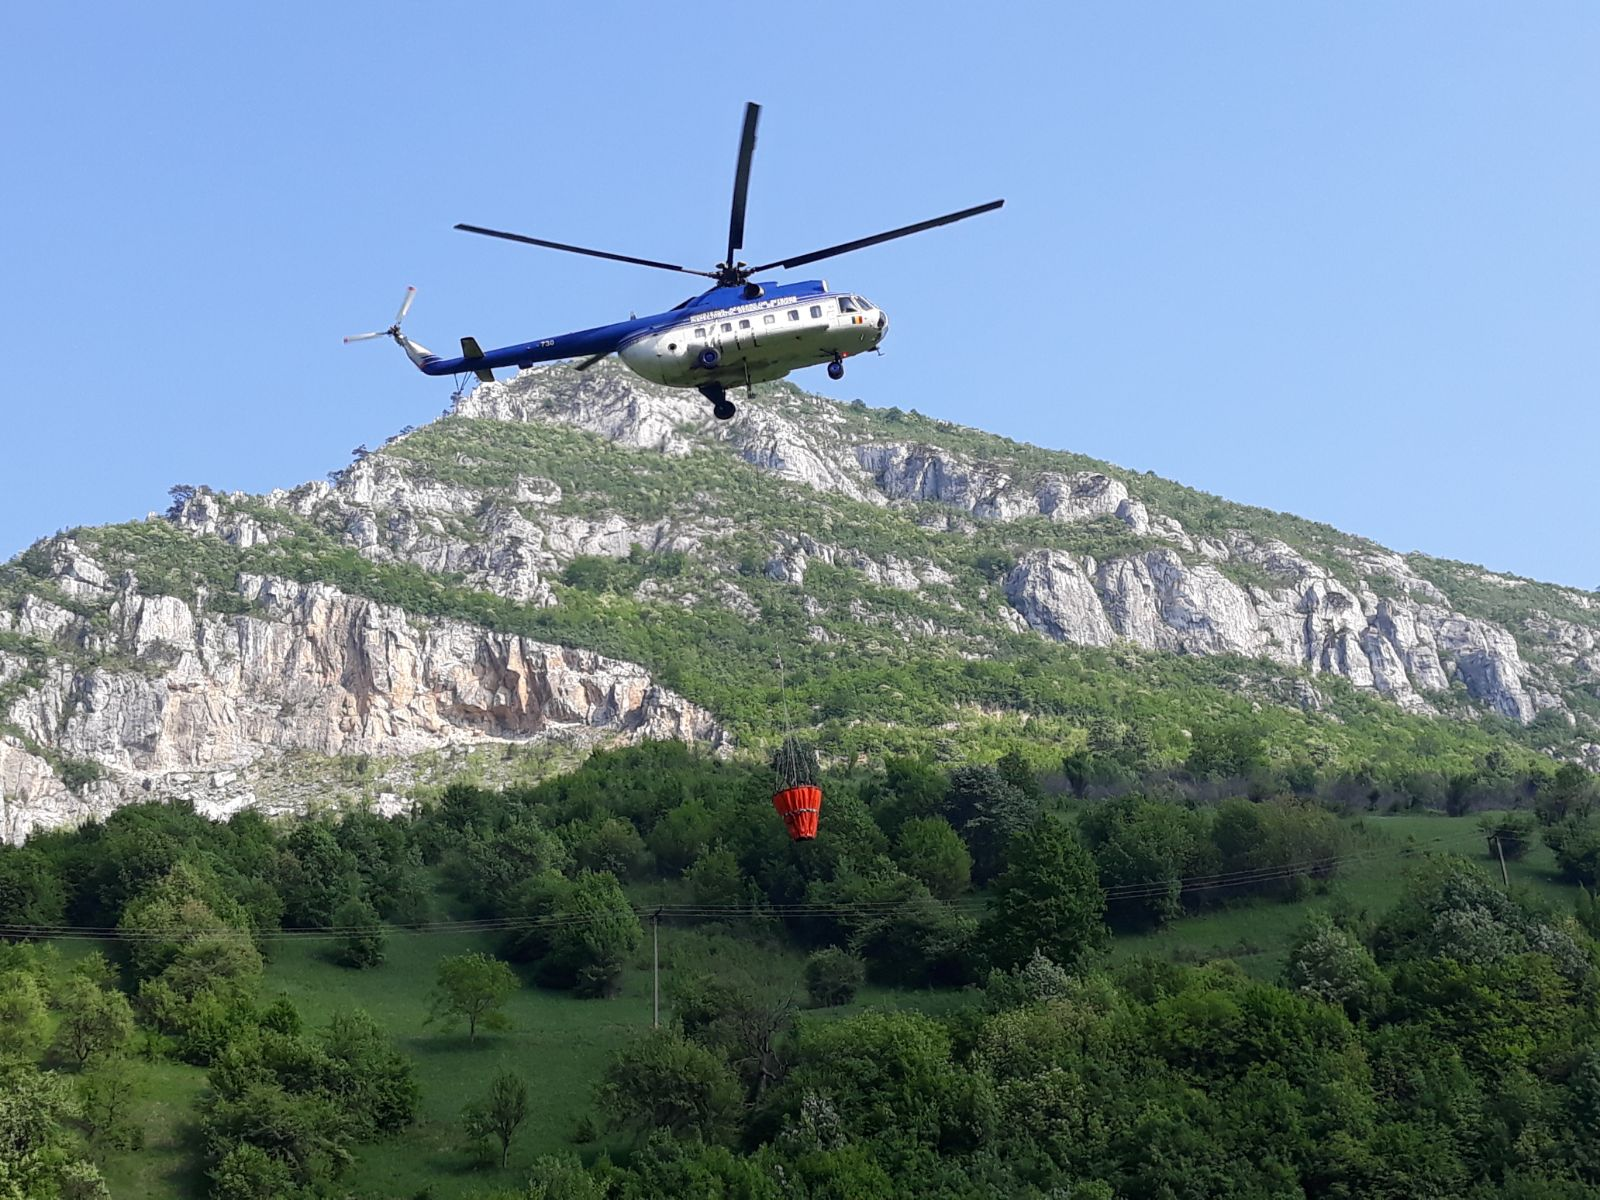 FOTO/ Pompierii încă se luptă cu incendiul din Parcul Național Domogled - Valea Cernei